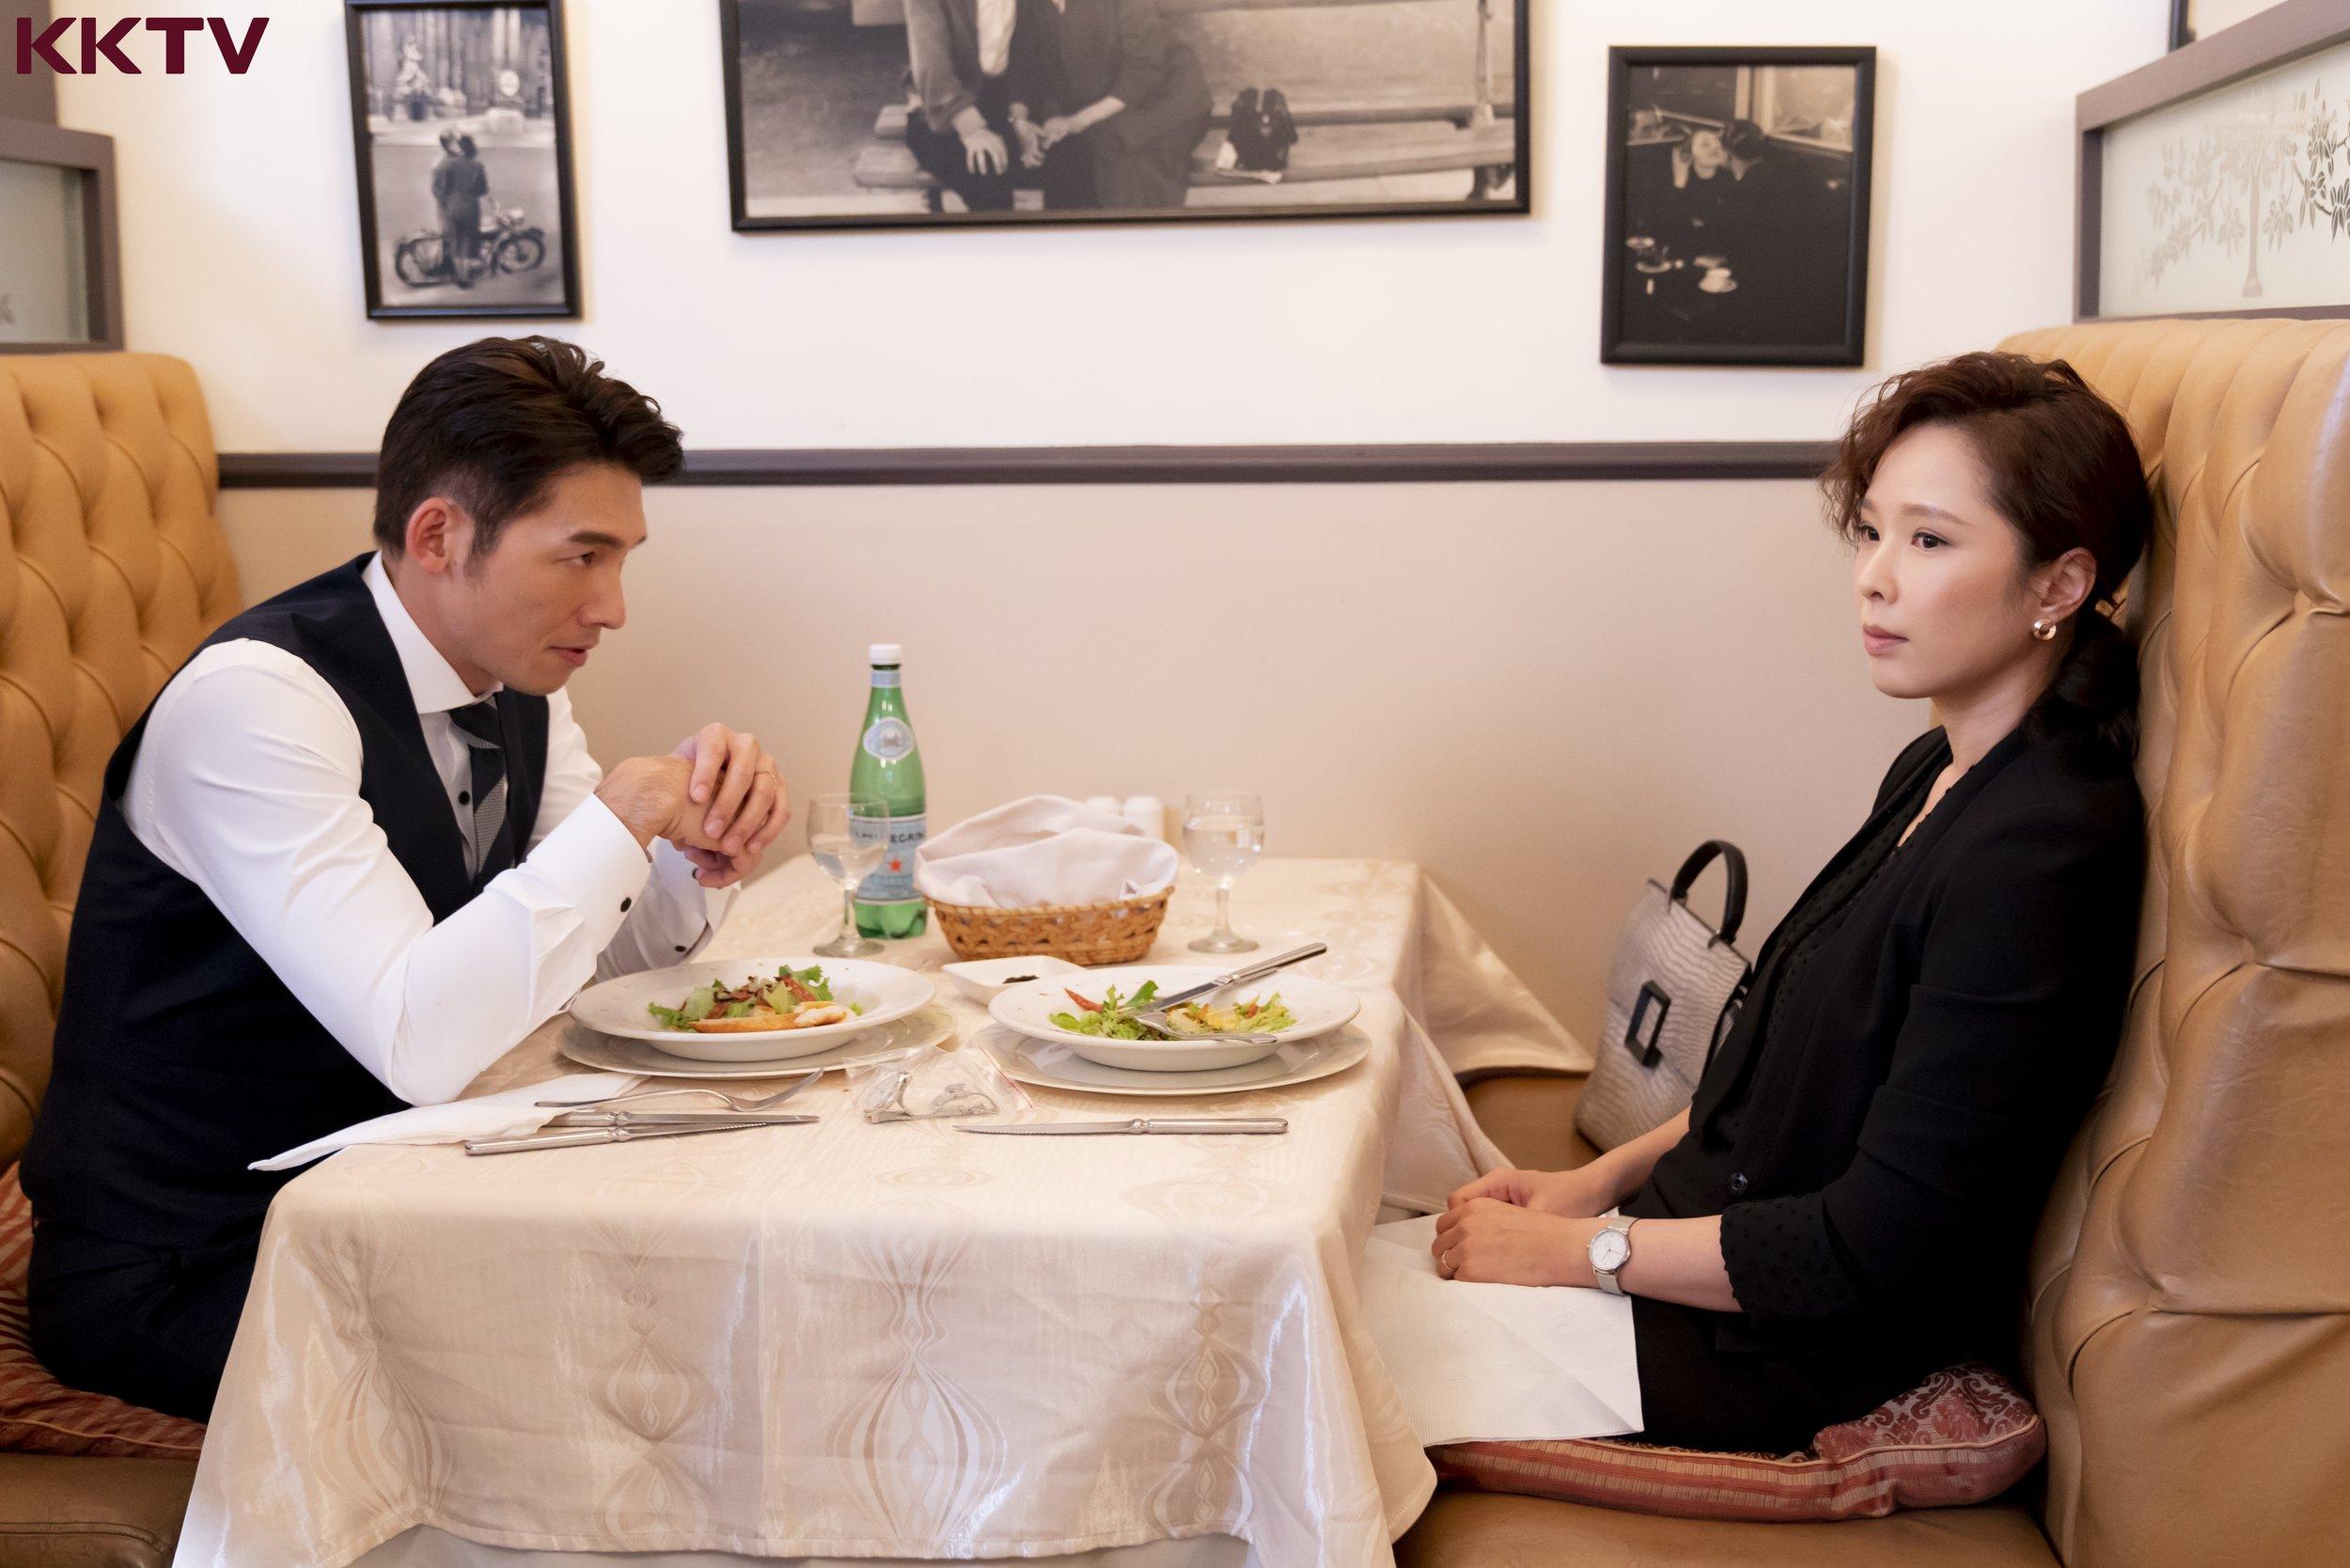 在《最佳利益》中,溫昇豪飾演檢察官,戲裡與天心配對演夫妻,但夫妻關係因一起神祕自殺事件,岌岌可危。.jpg